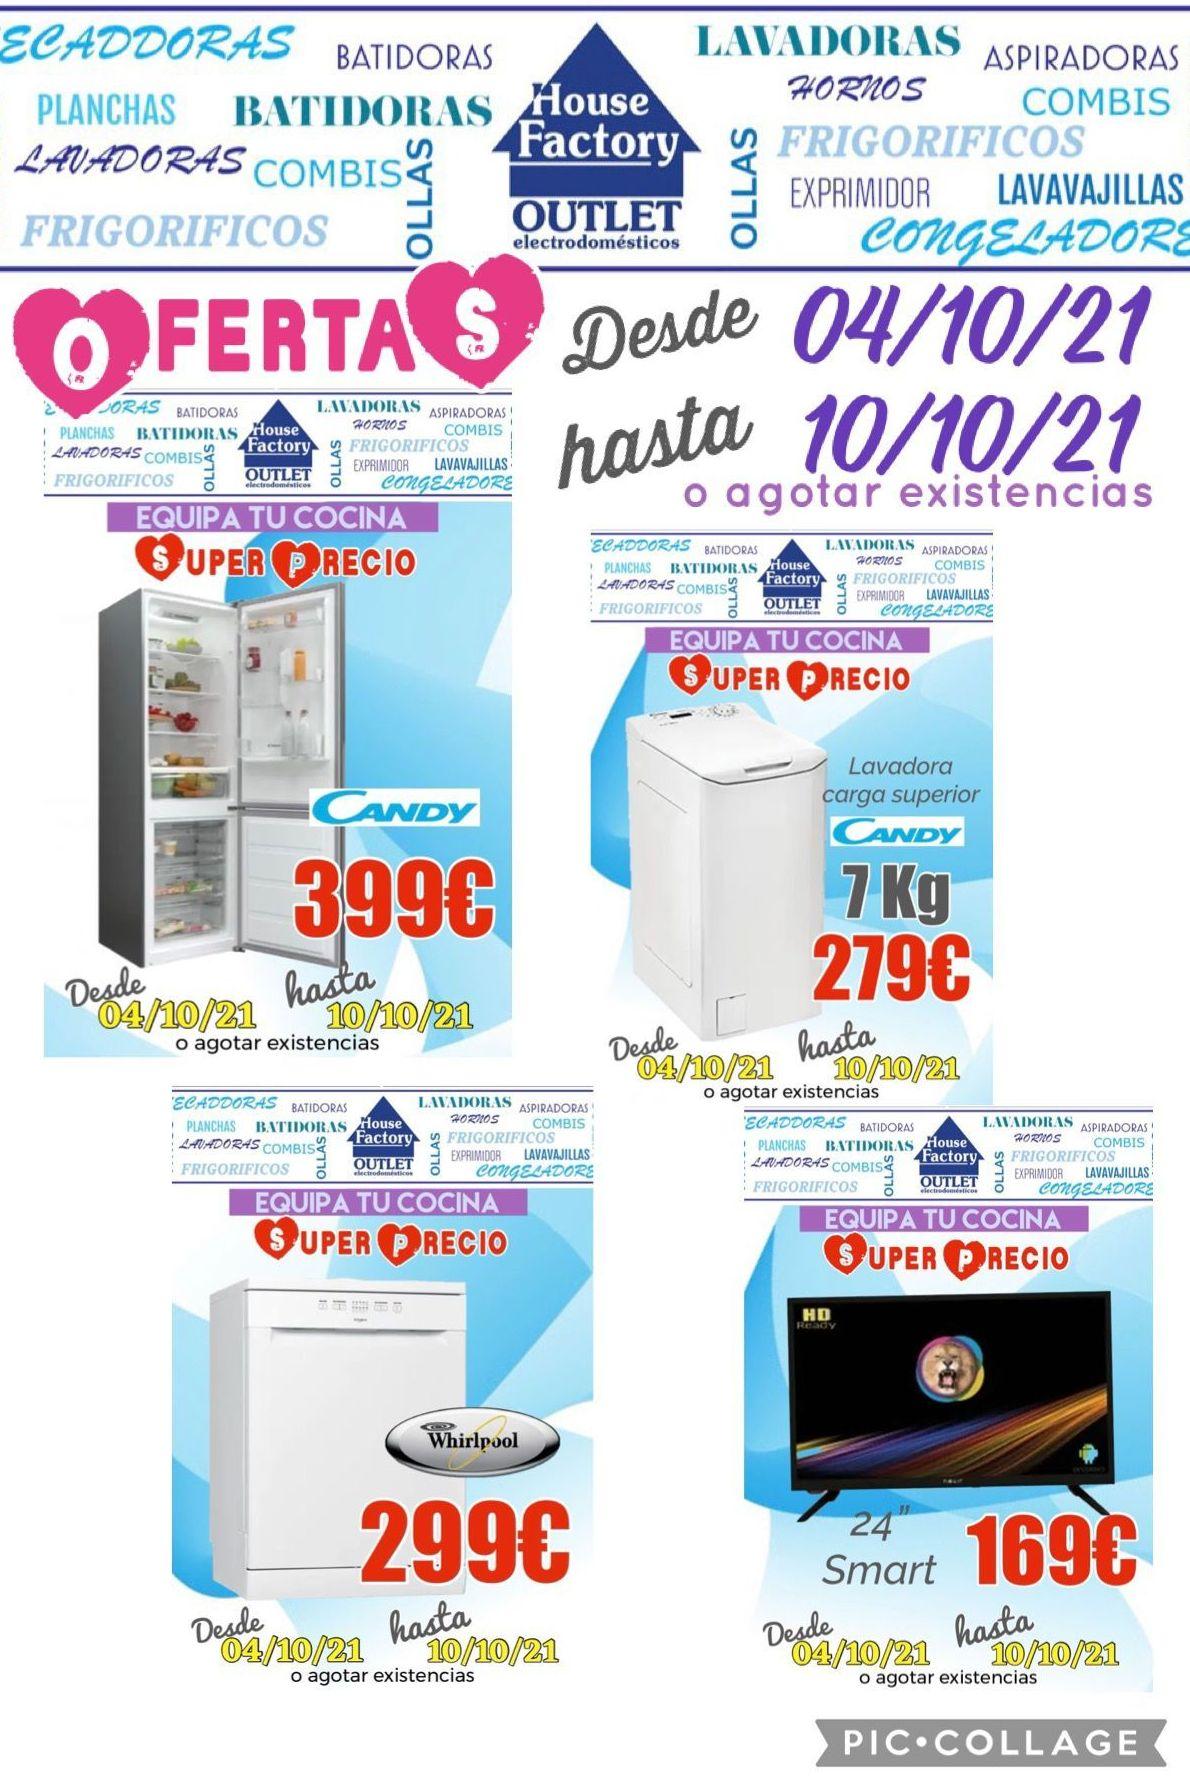 Foto 1 de Outlet de electrodomésticos en Pueblo Nuevo | House Factory Madrid Outlet de Electrodomésticos Pueblo Nuevo